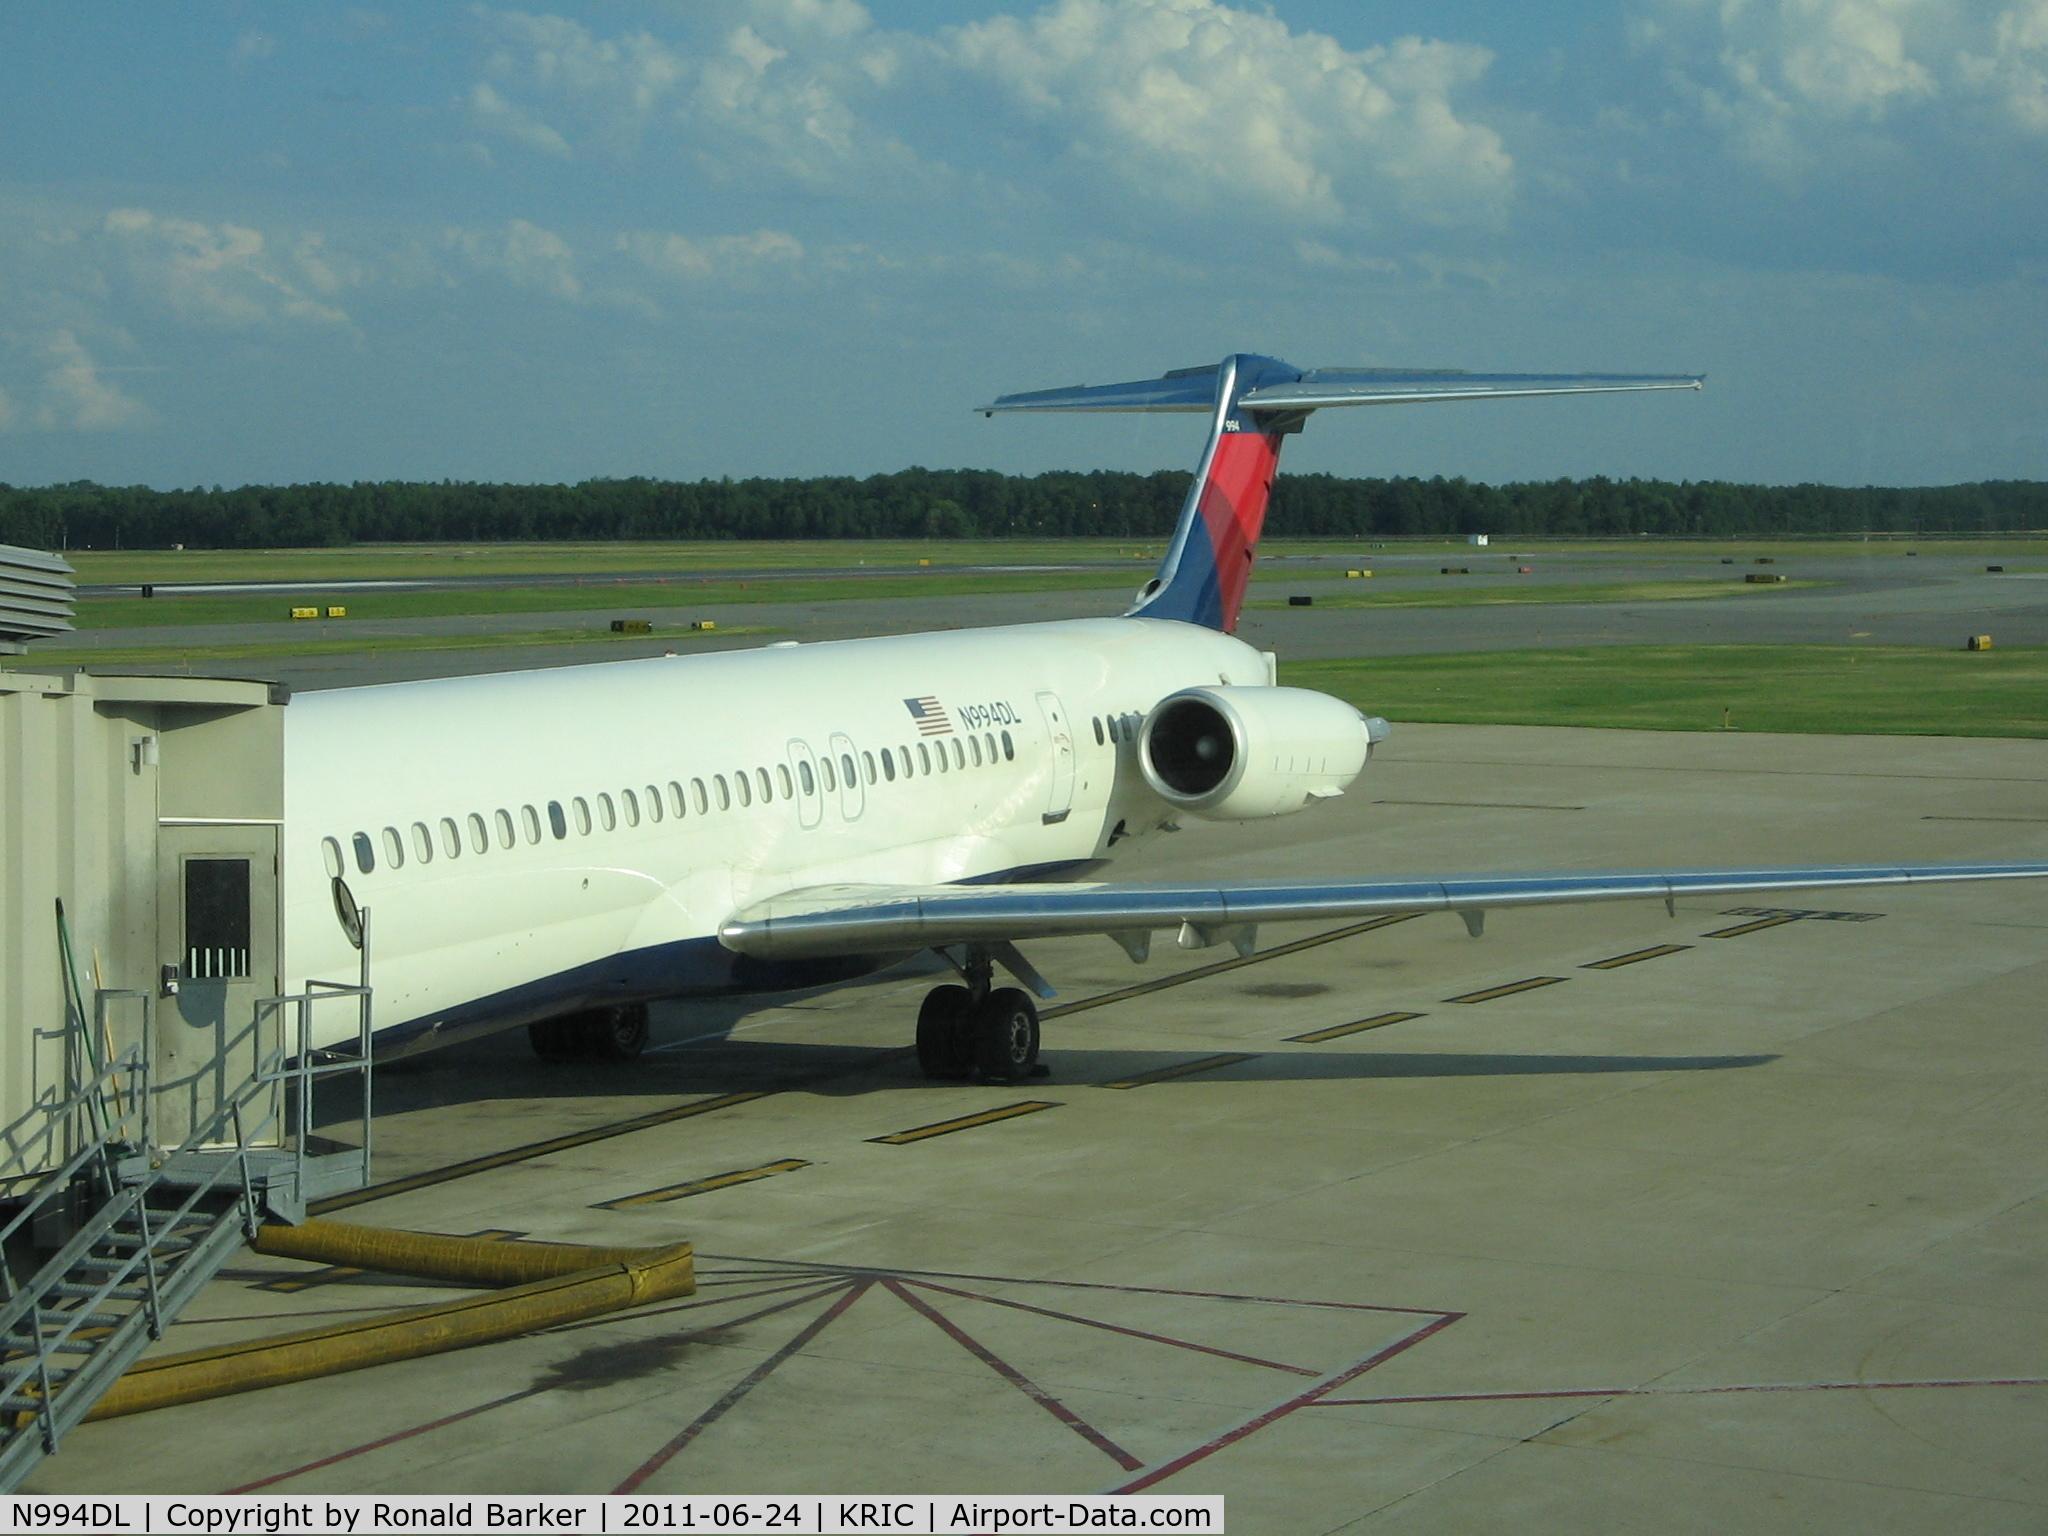 N994DL, 1991 McDonnell Douglas MD-88 C/N 53346, Richmond